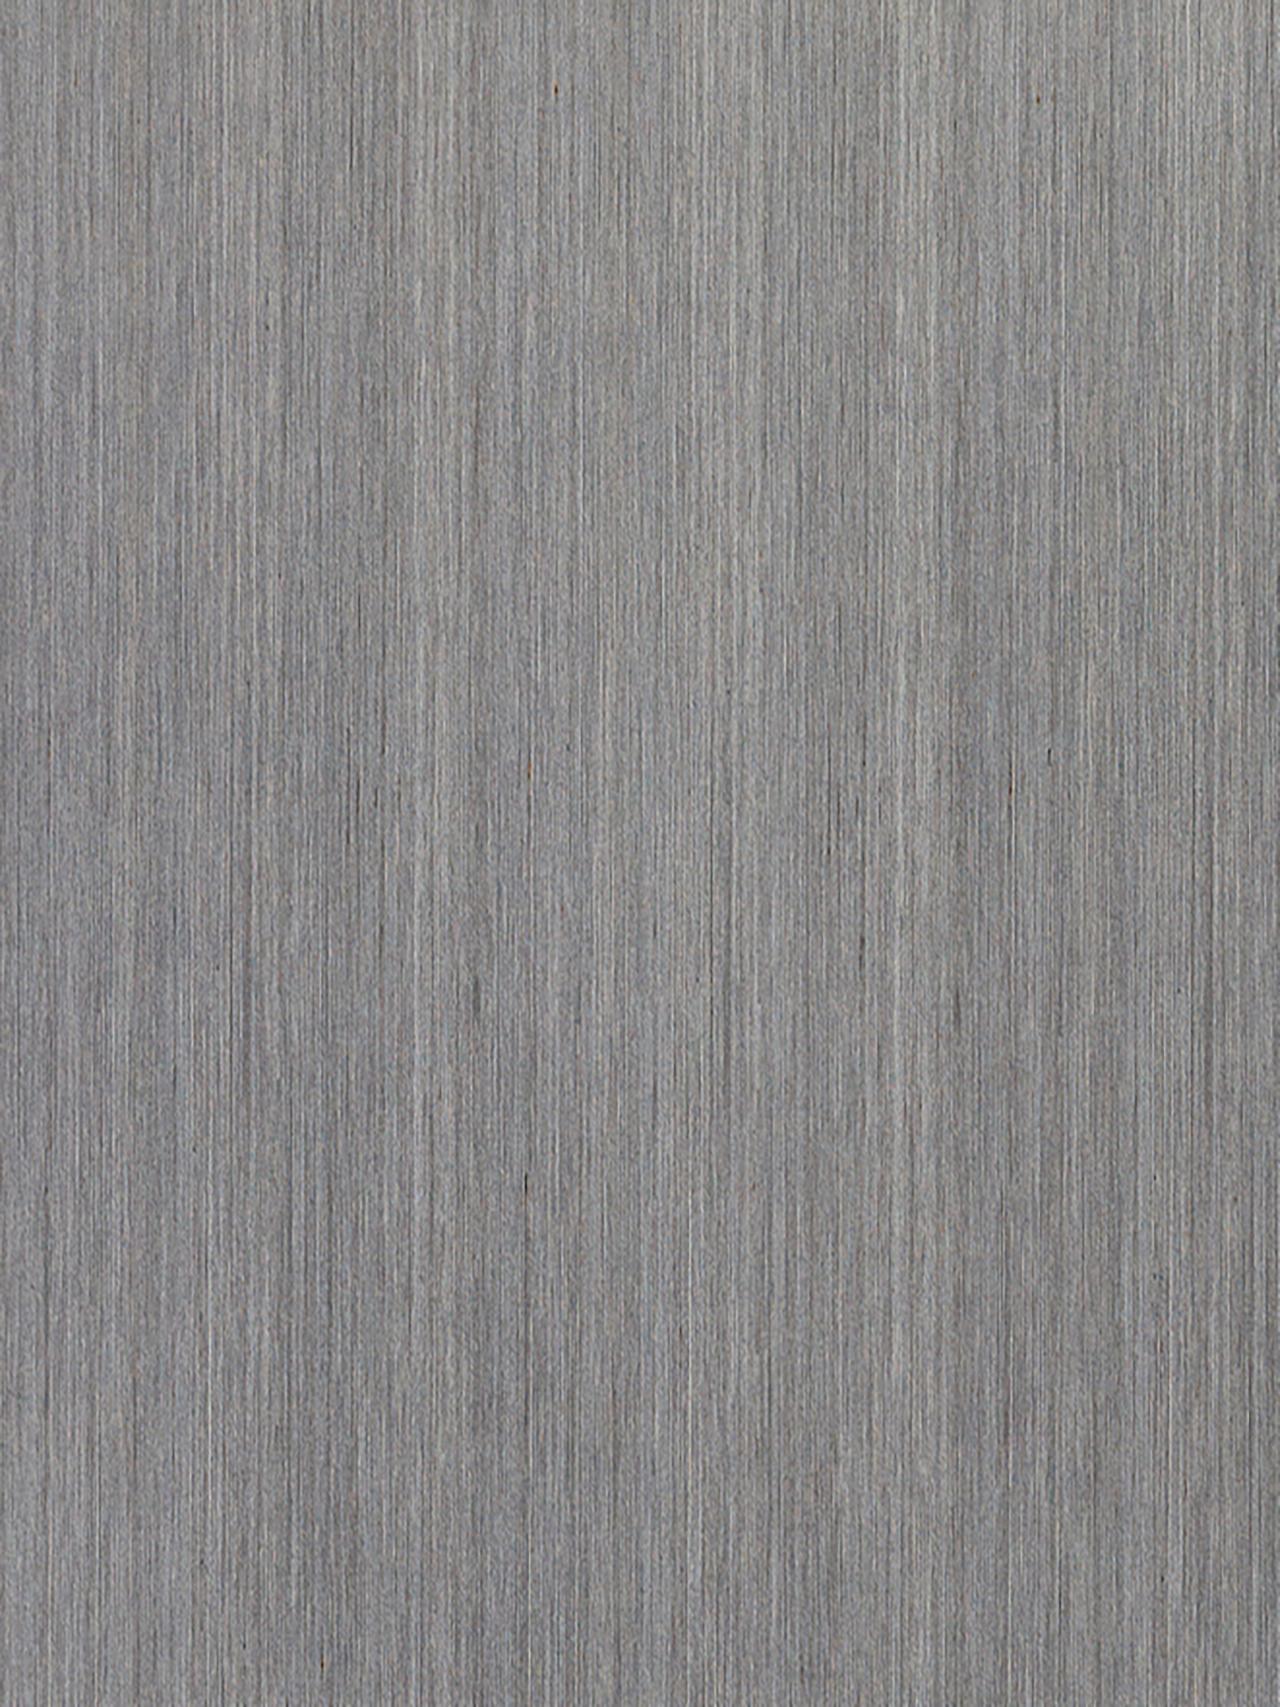 Birch Ply Grey